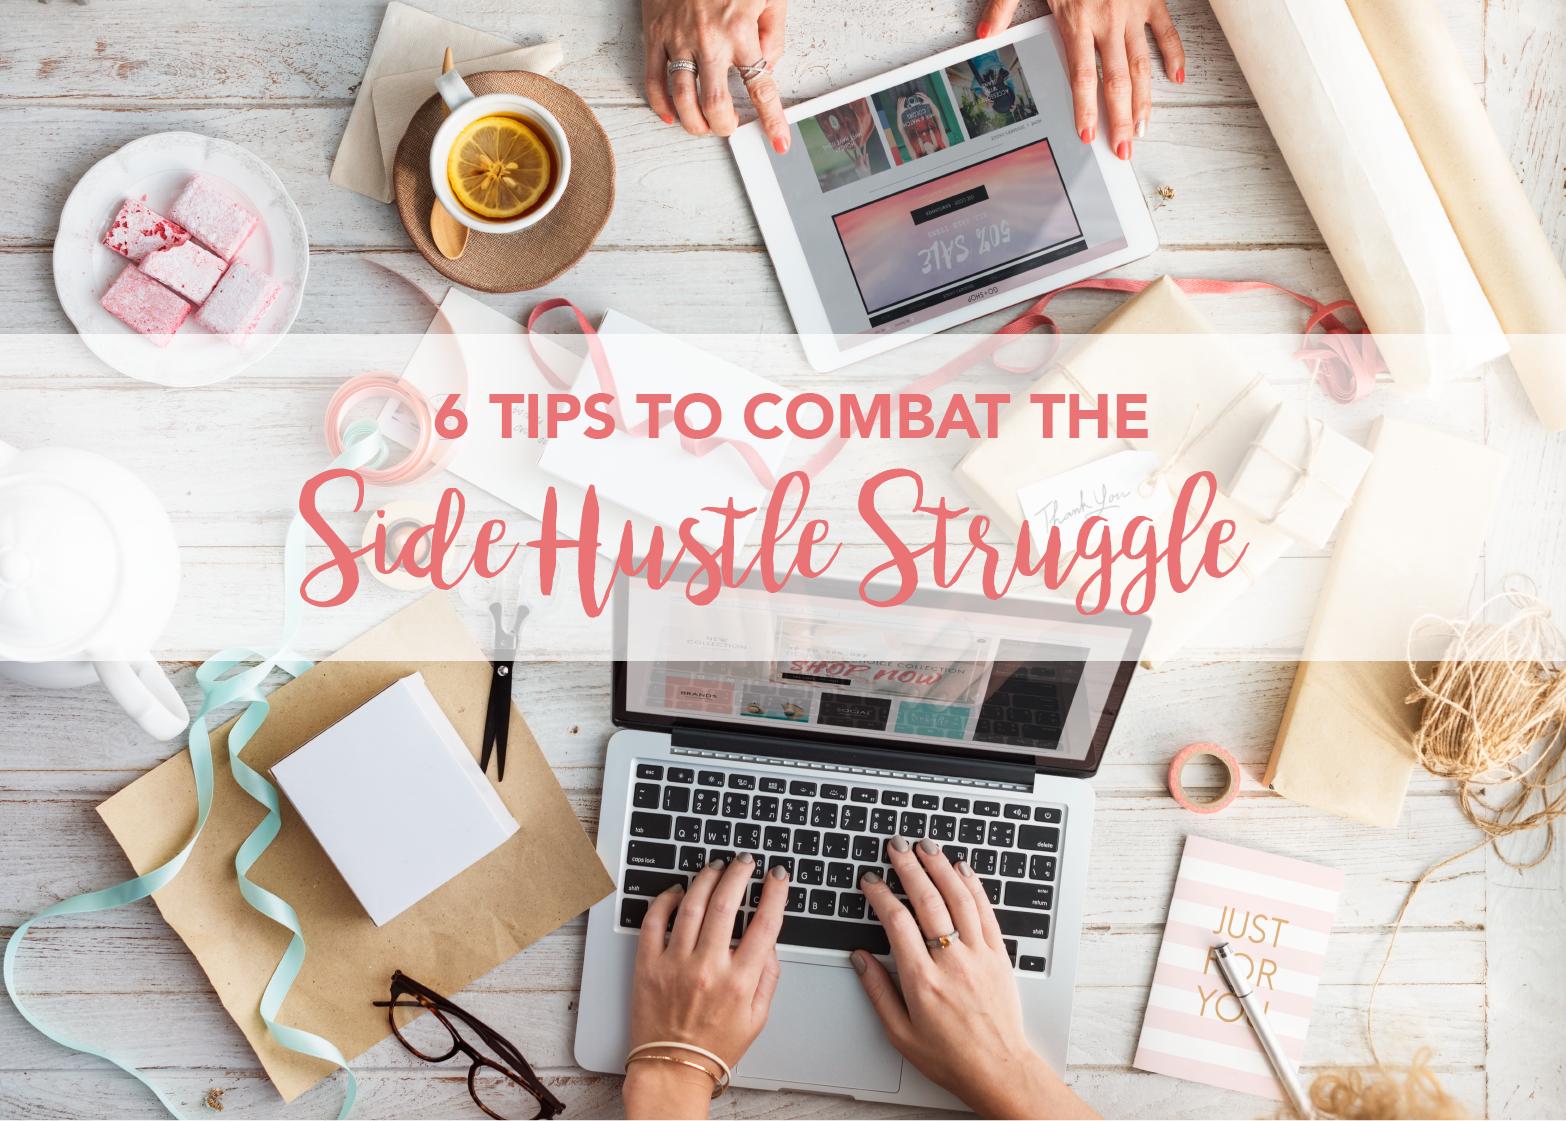 SideHustleStruggle-Blog-Image-01.png